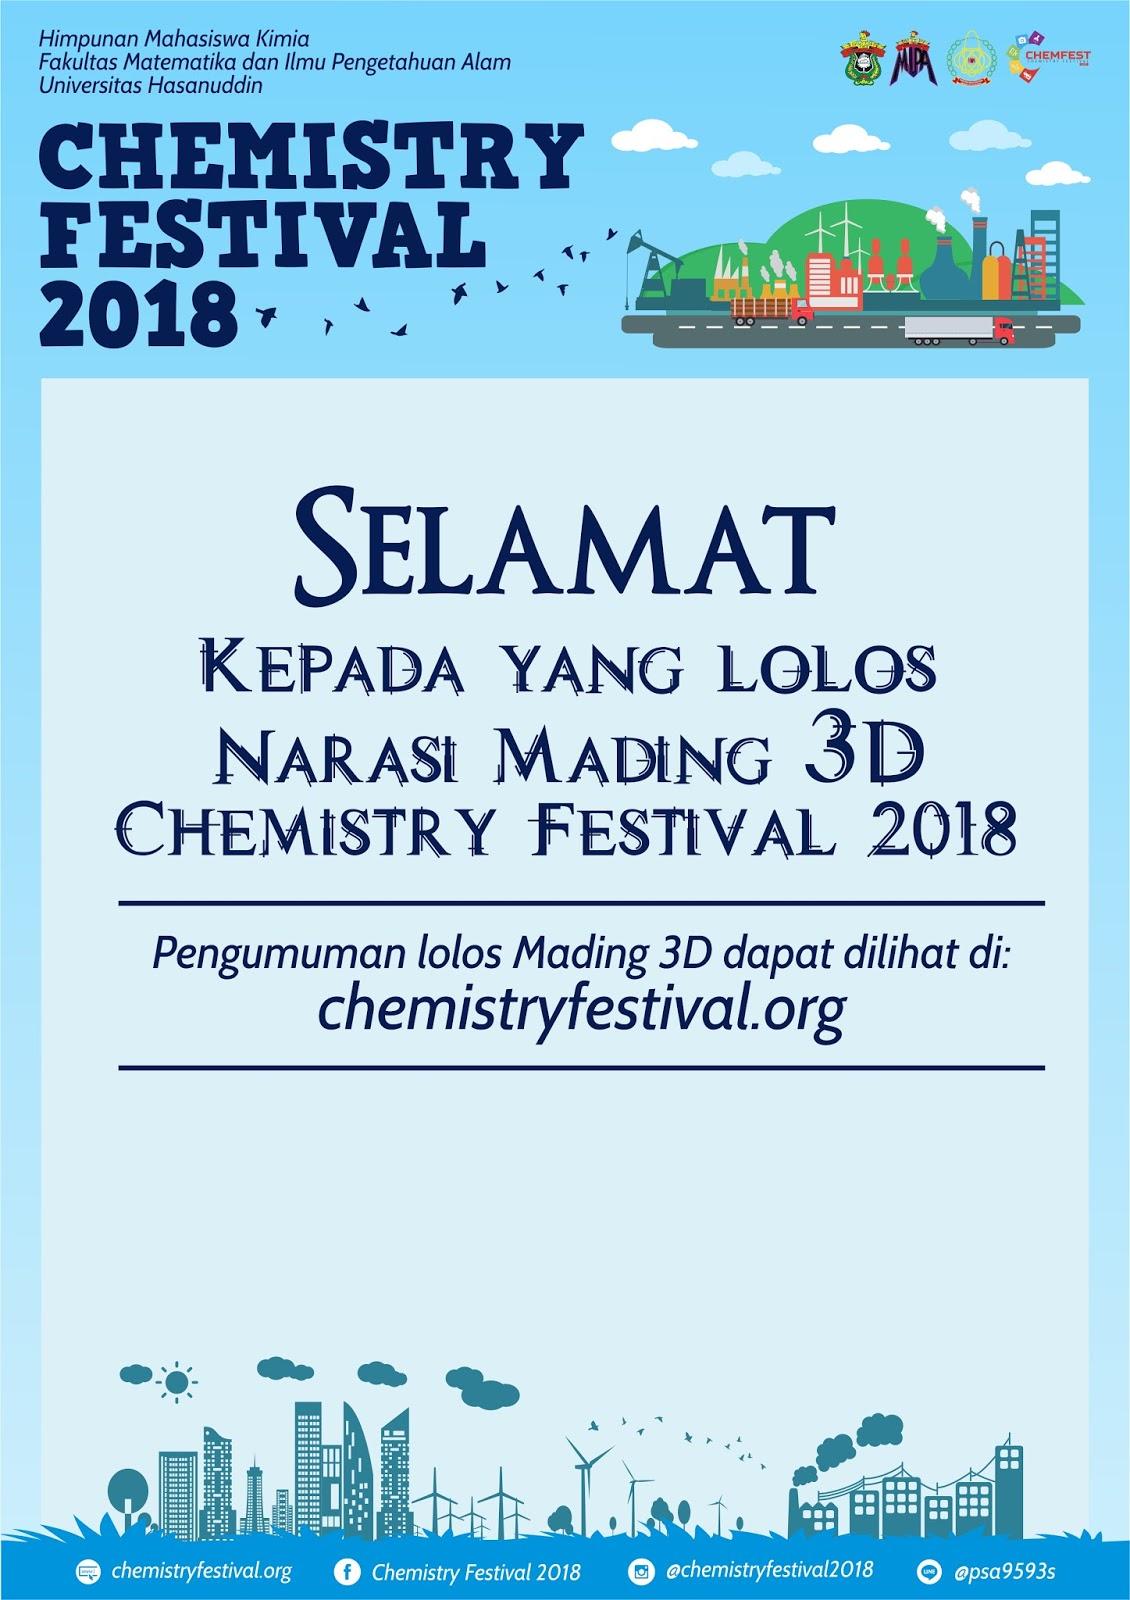 Pengumuman Mading 3D Chemistry Festival 2018